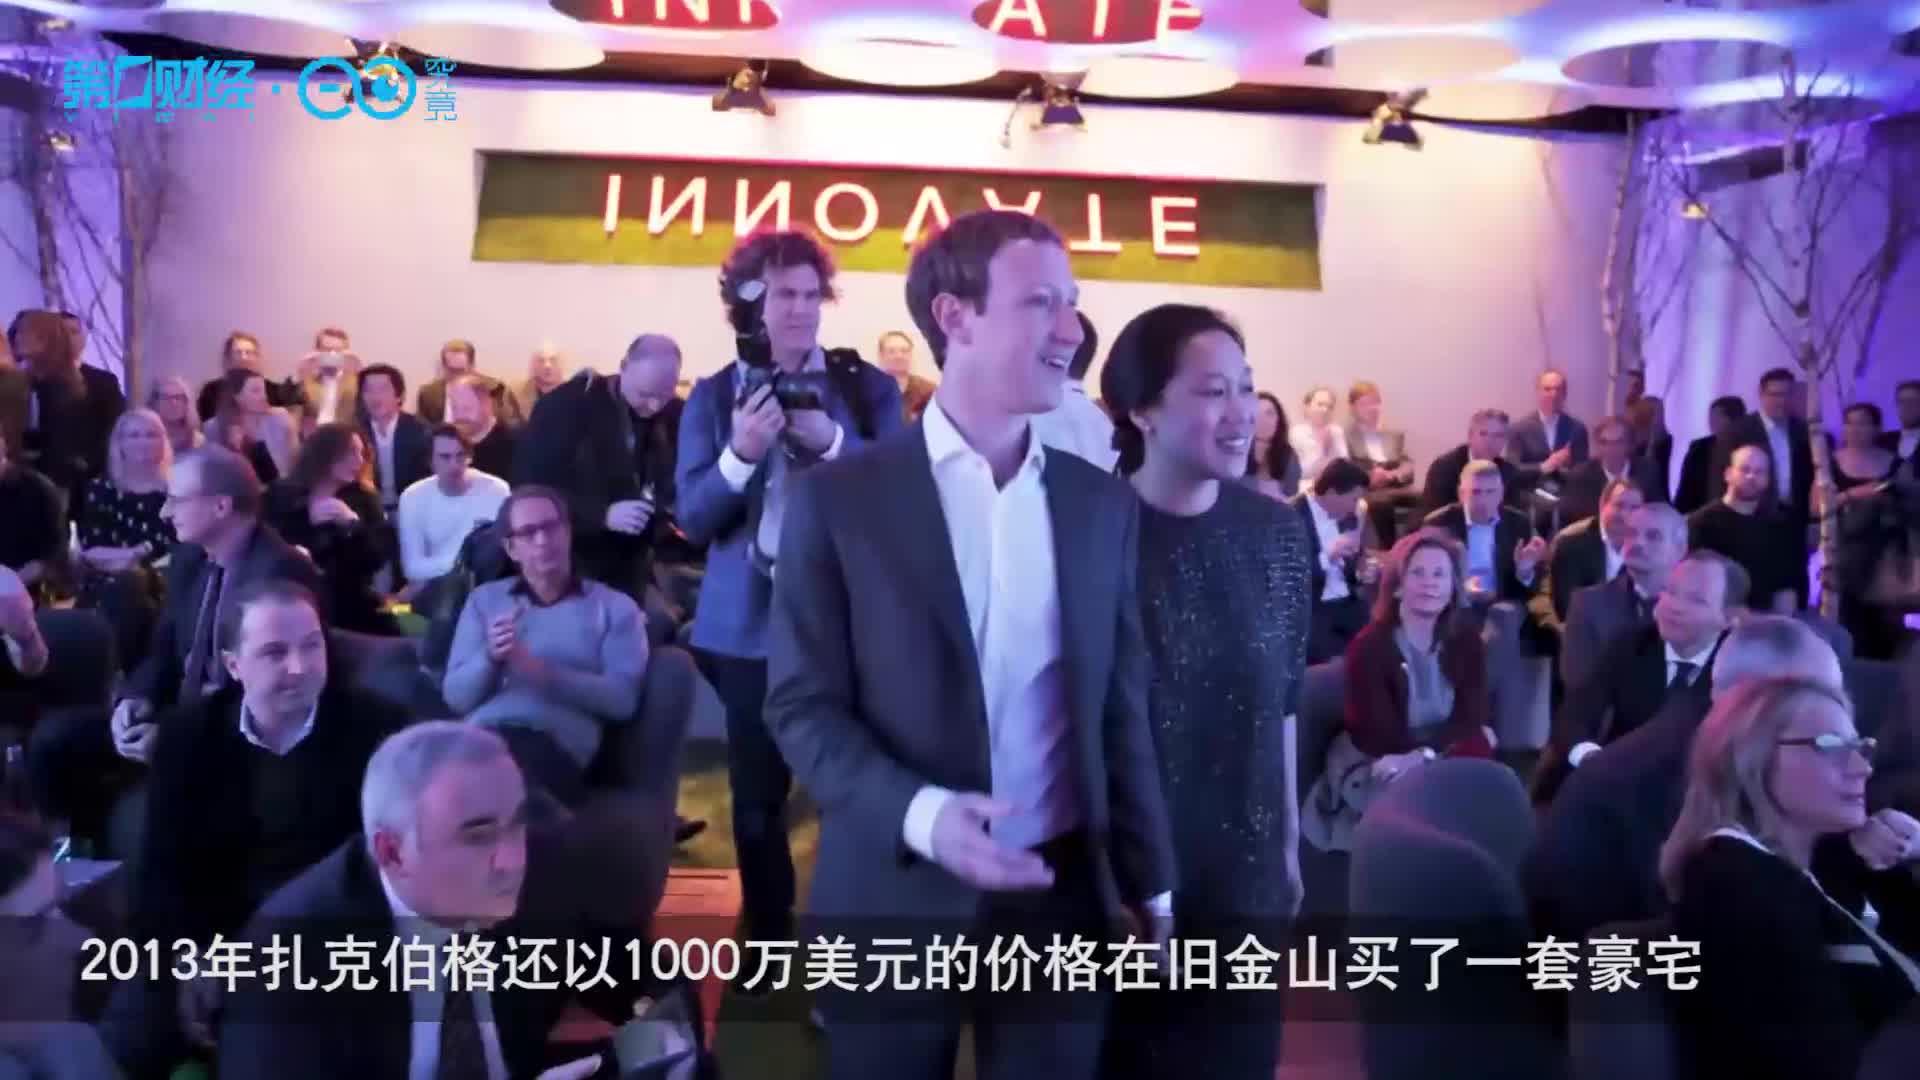 扎克伯格最贵资产揭秘!安保费用高达1000万美元丨视频书摘